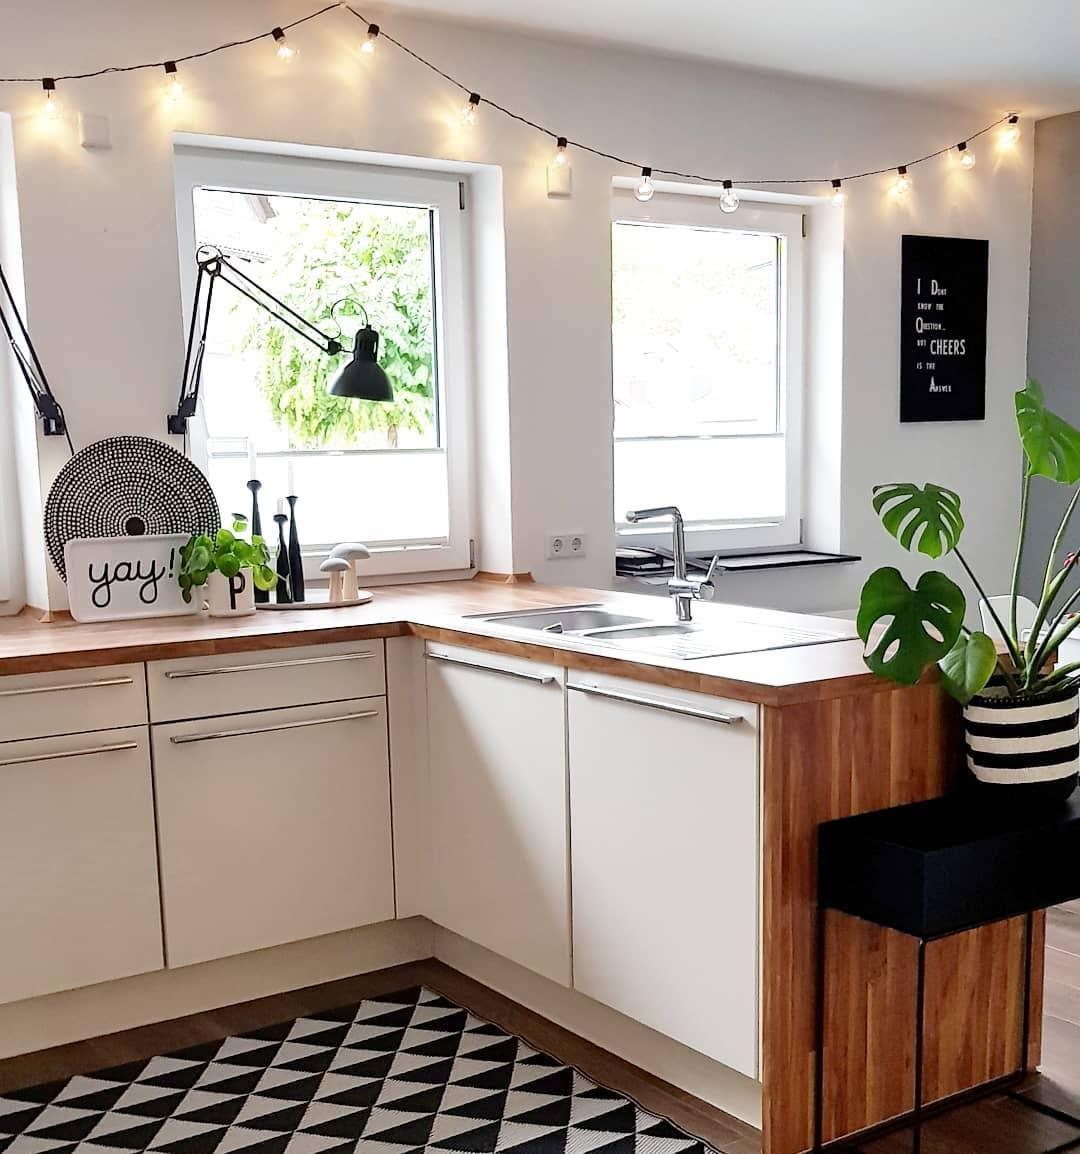 Modern Vibes In Dieser Wunderschönen Küche Stimmt Jedes Detail Tolle Deko Accessoires Im Skandinavischen Des Küchen Inspiration Haus Küchen Küche Schwarz Weiß